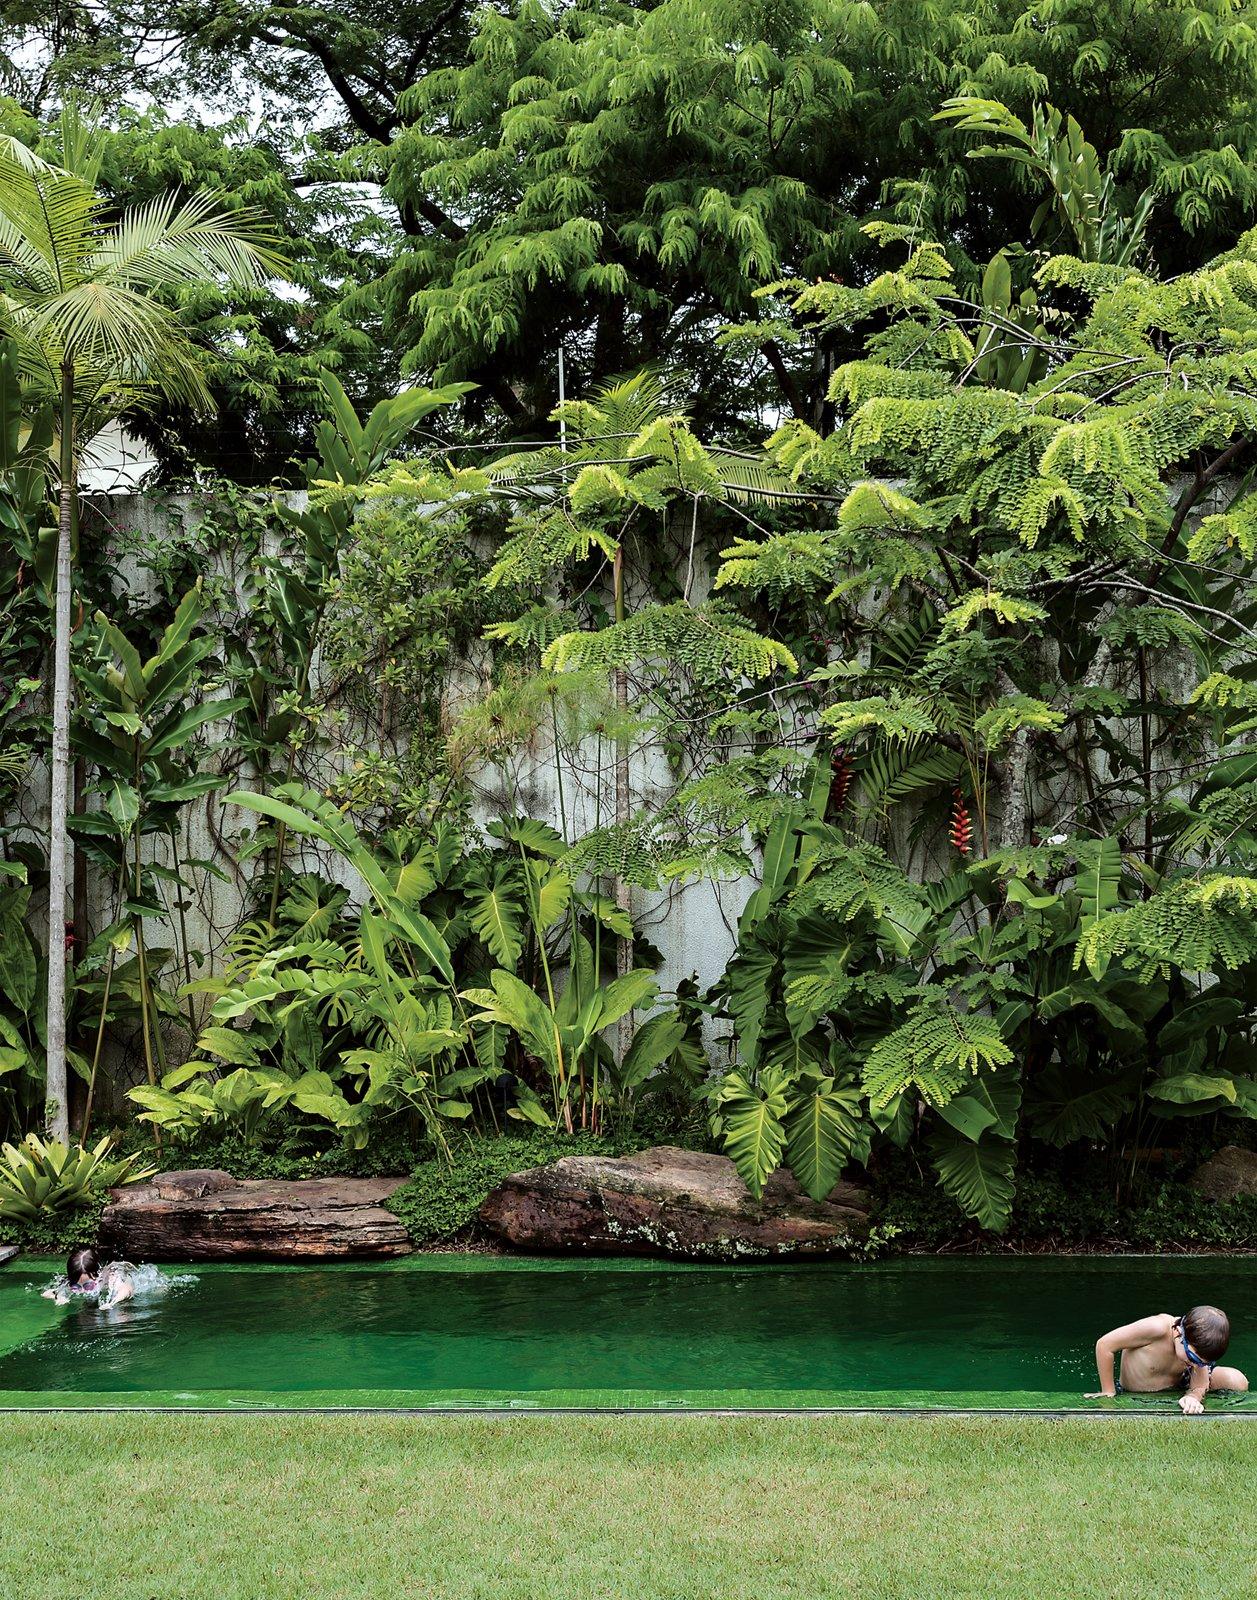 #pooldesign #modern #moderndesign #outdoor #exterior #outside #landscape #backyard #green #lush #garden #retreat #CasaDeck #IsayWeinfeld  Best Photos from outdoors